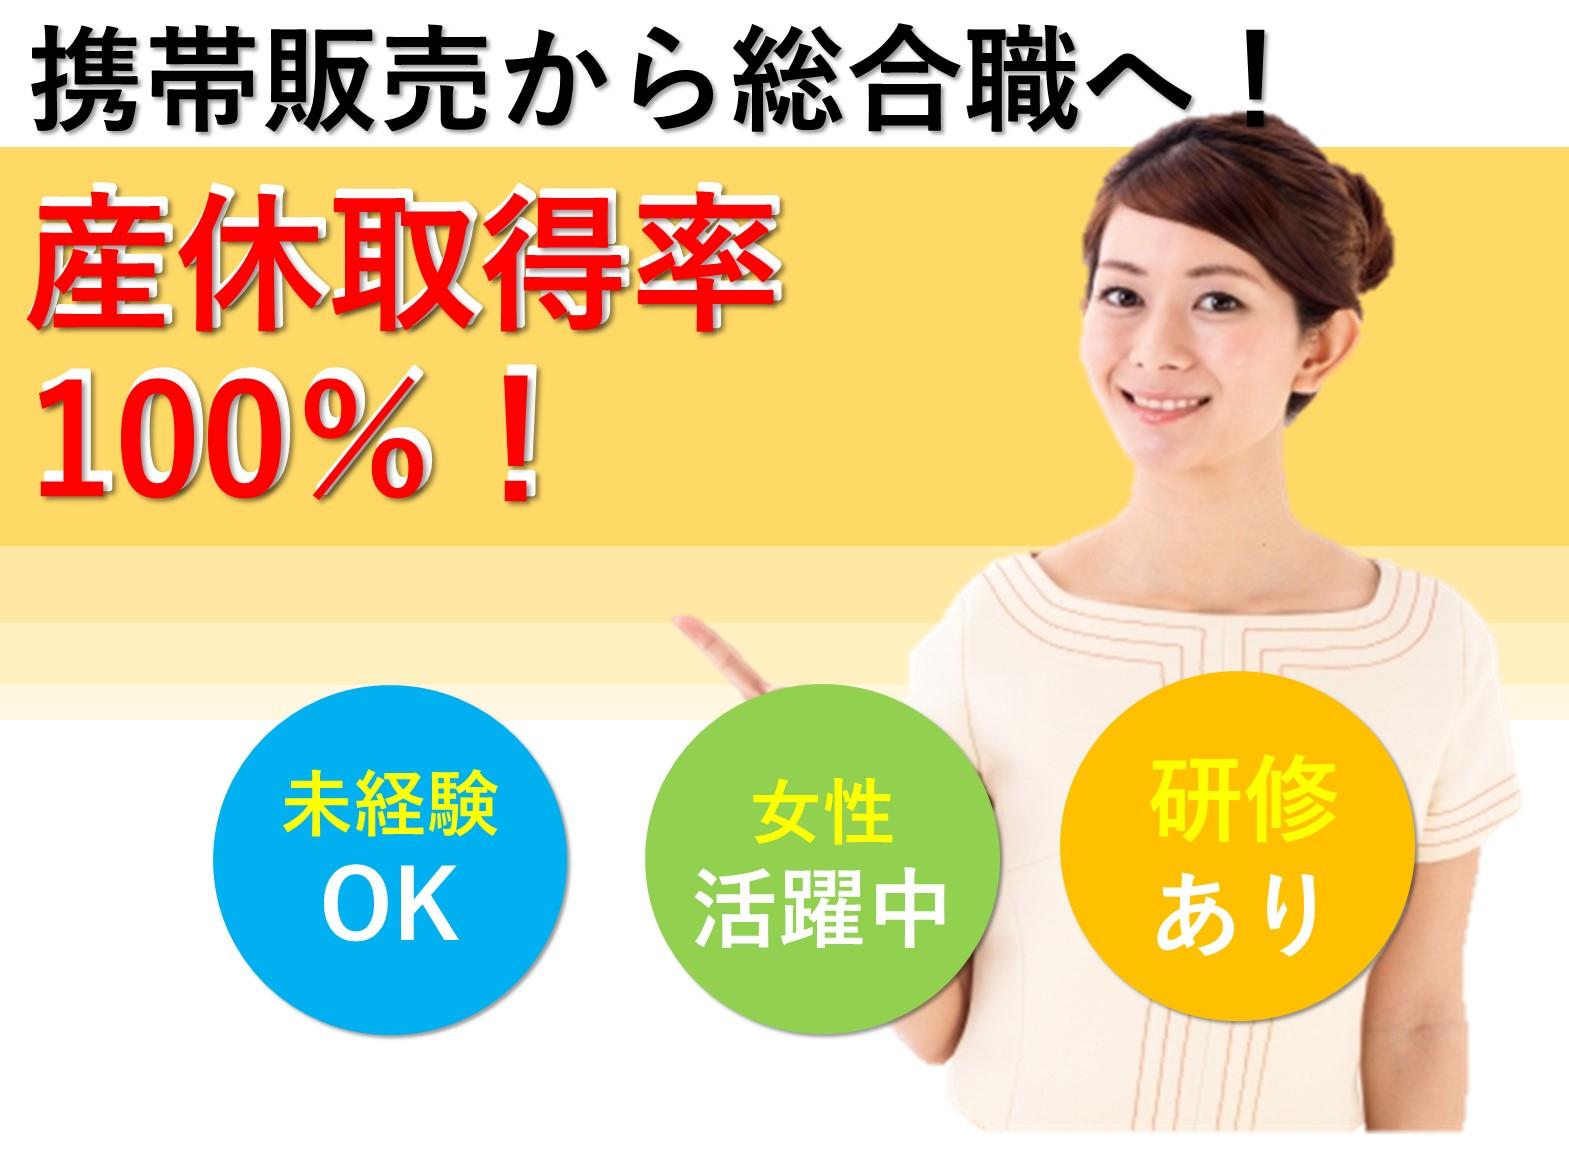 【岐阜県でお仕事したい方必見】女性が活躍中!携帯店頭販売からスタートの総合職急募(正社員) イメージ